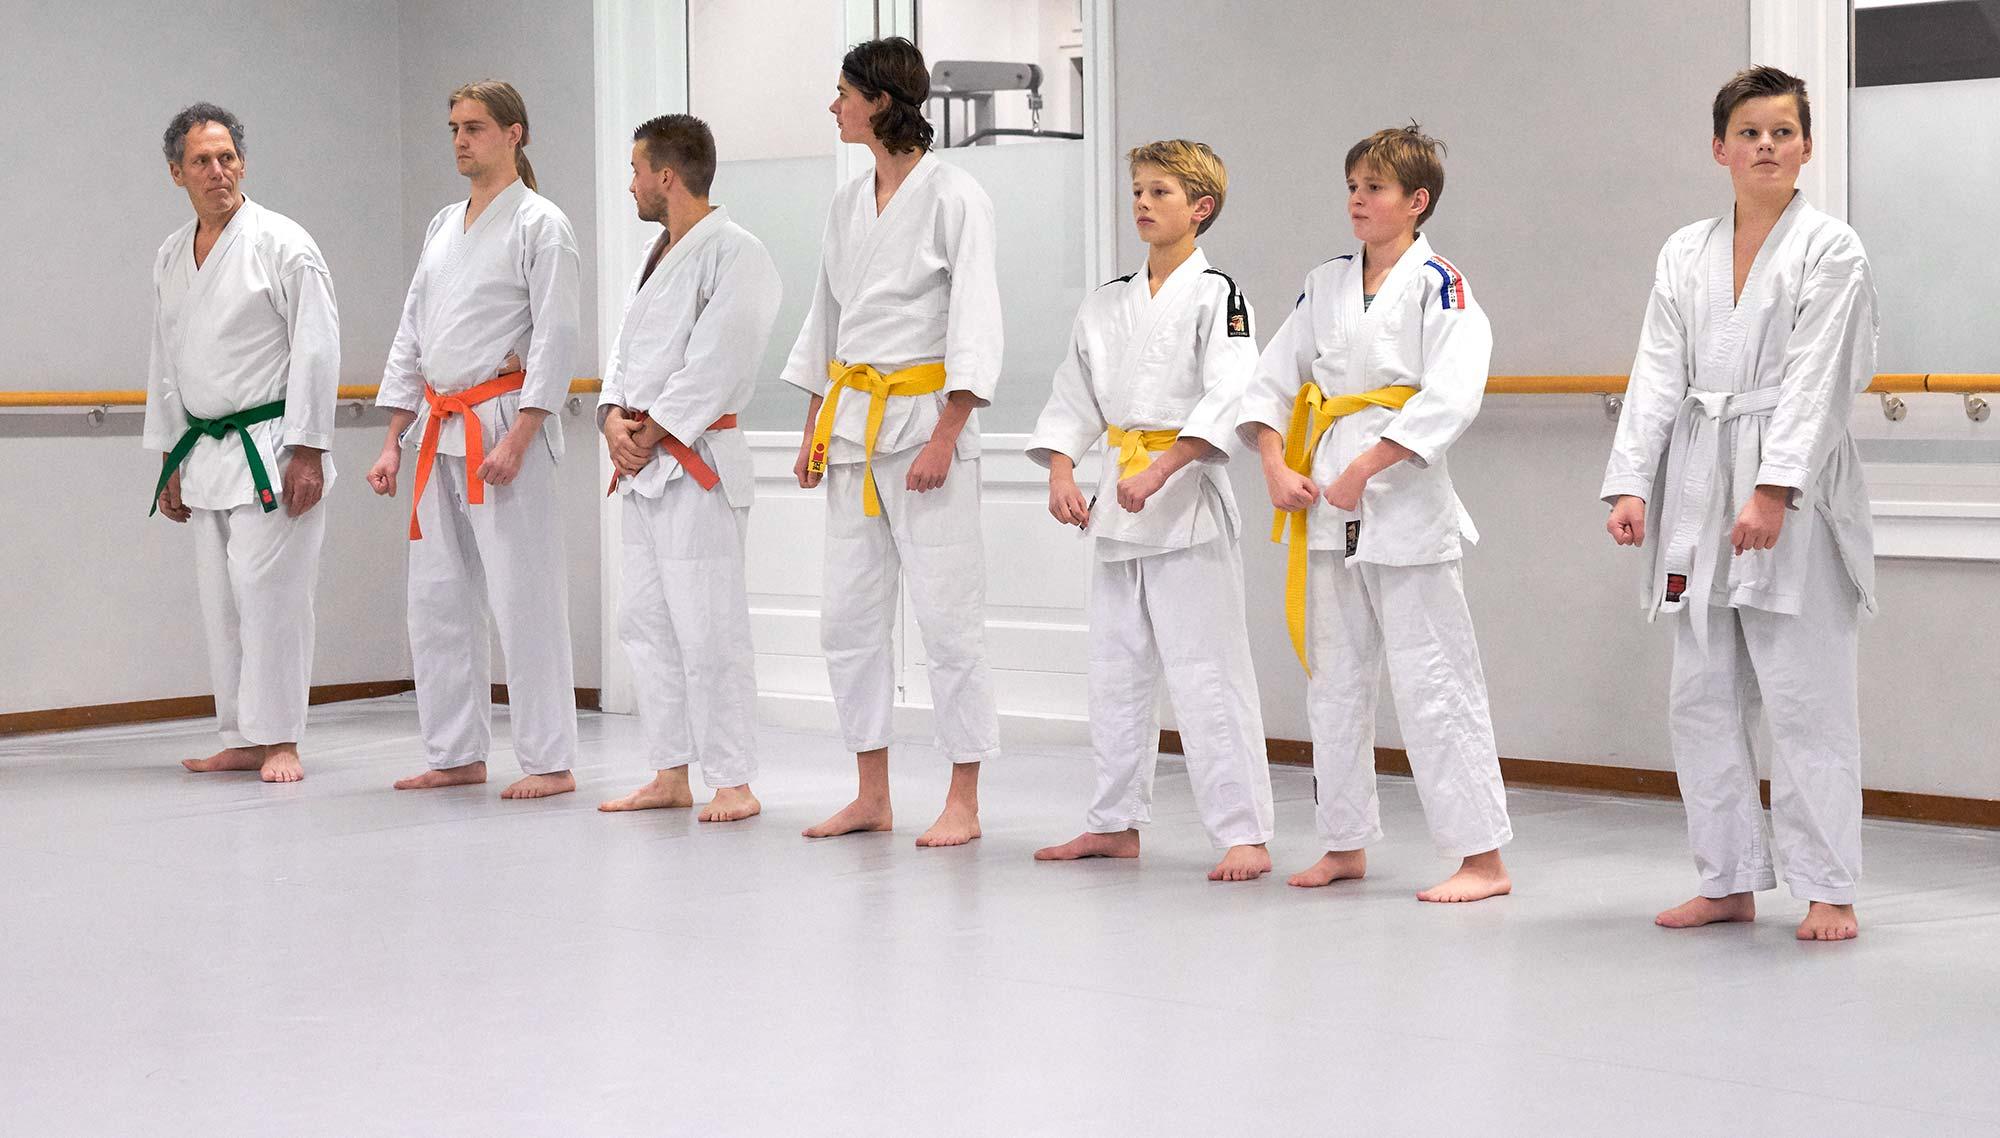 karate 9-15 jaar frits van der werff hoorn